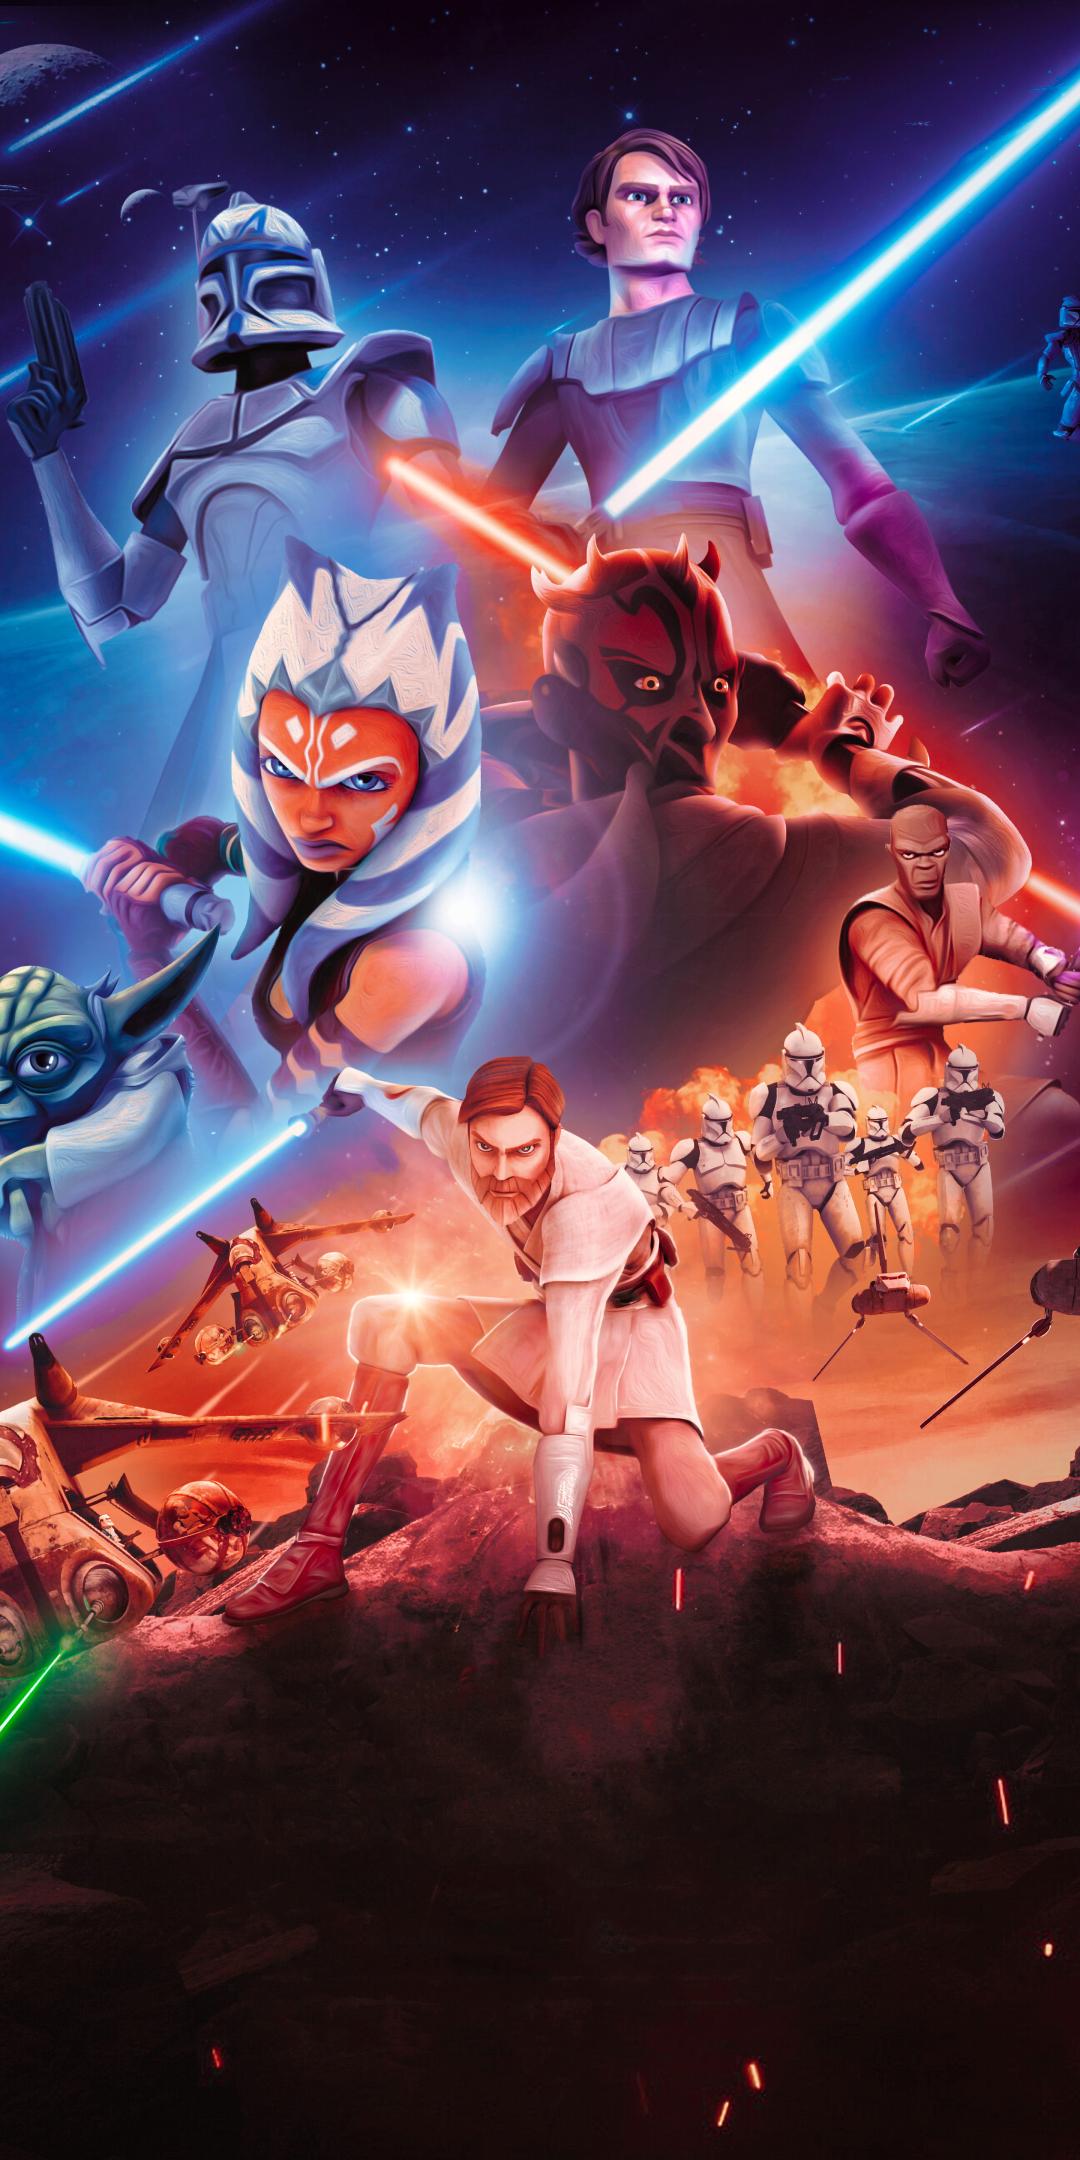 1080x2160 Star Wars The Clone Wars 4K One Plus 5T,Honor 7x ...